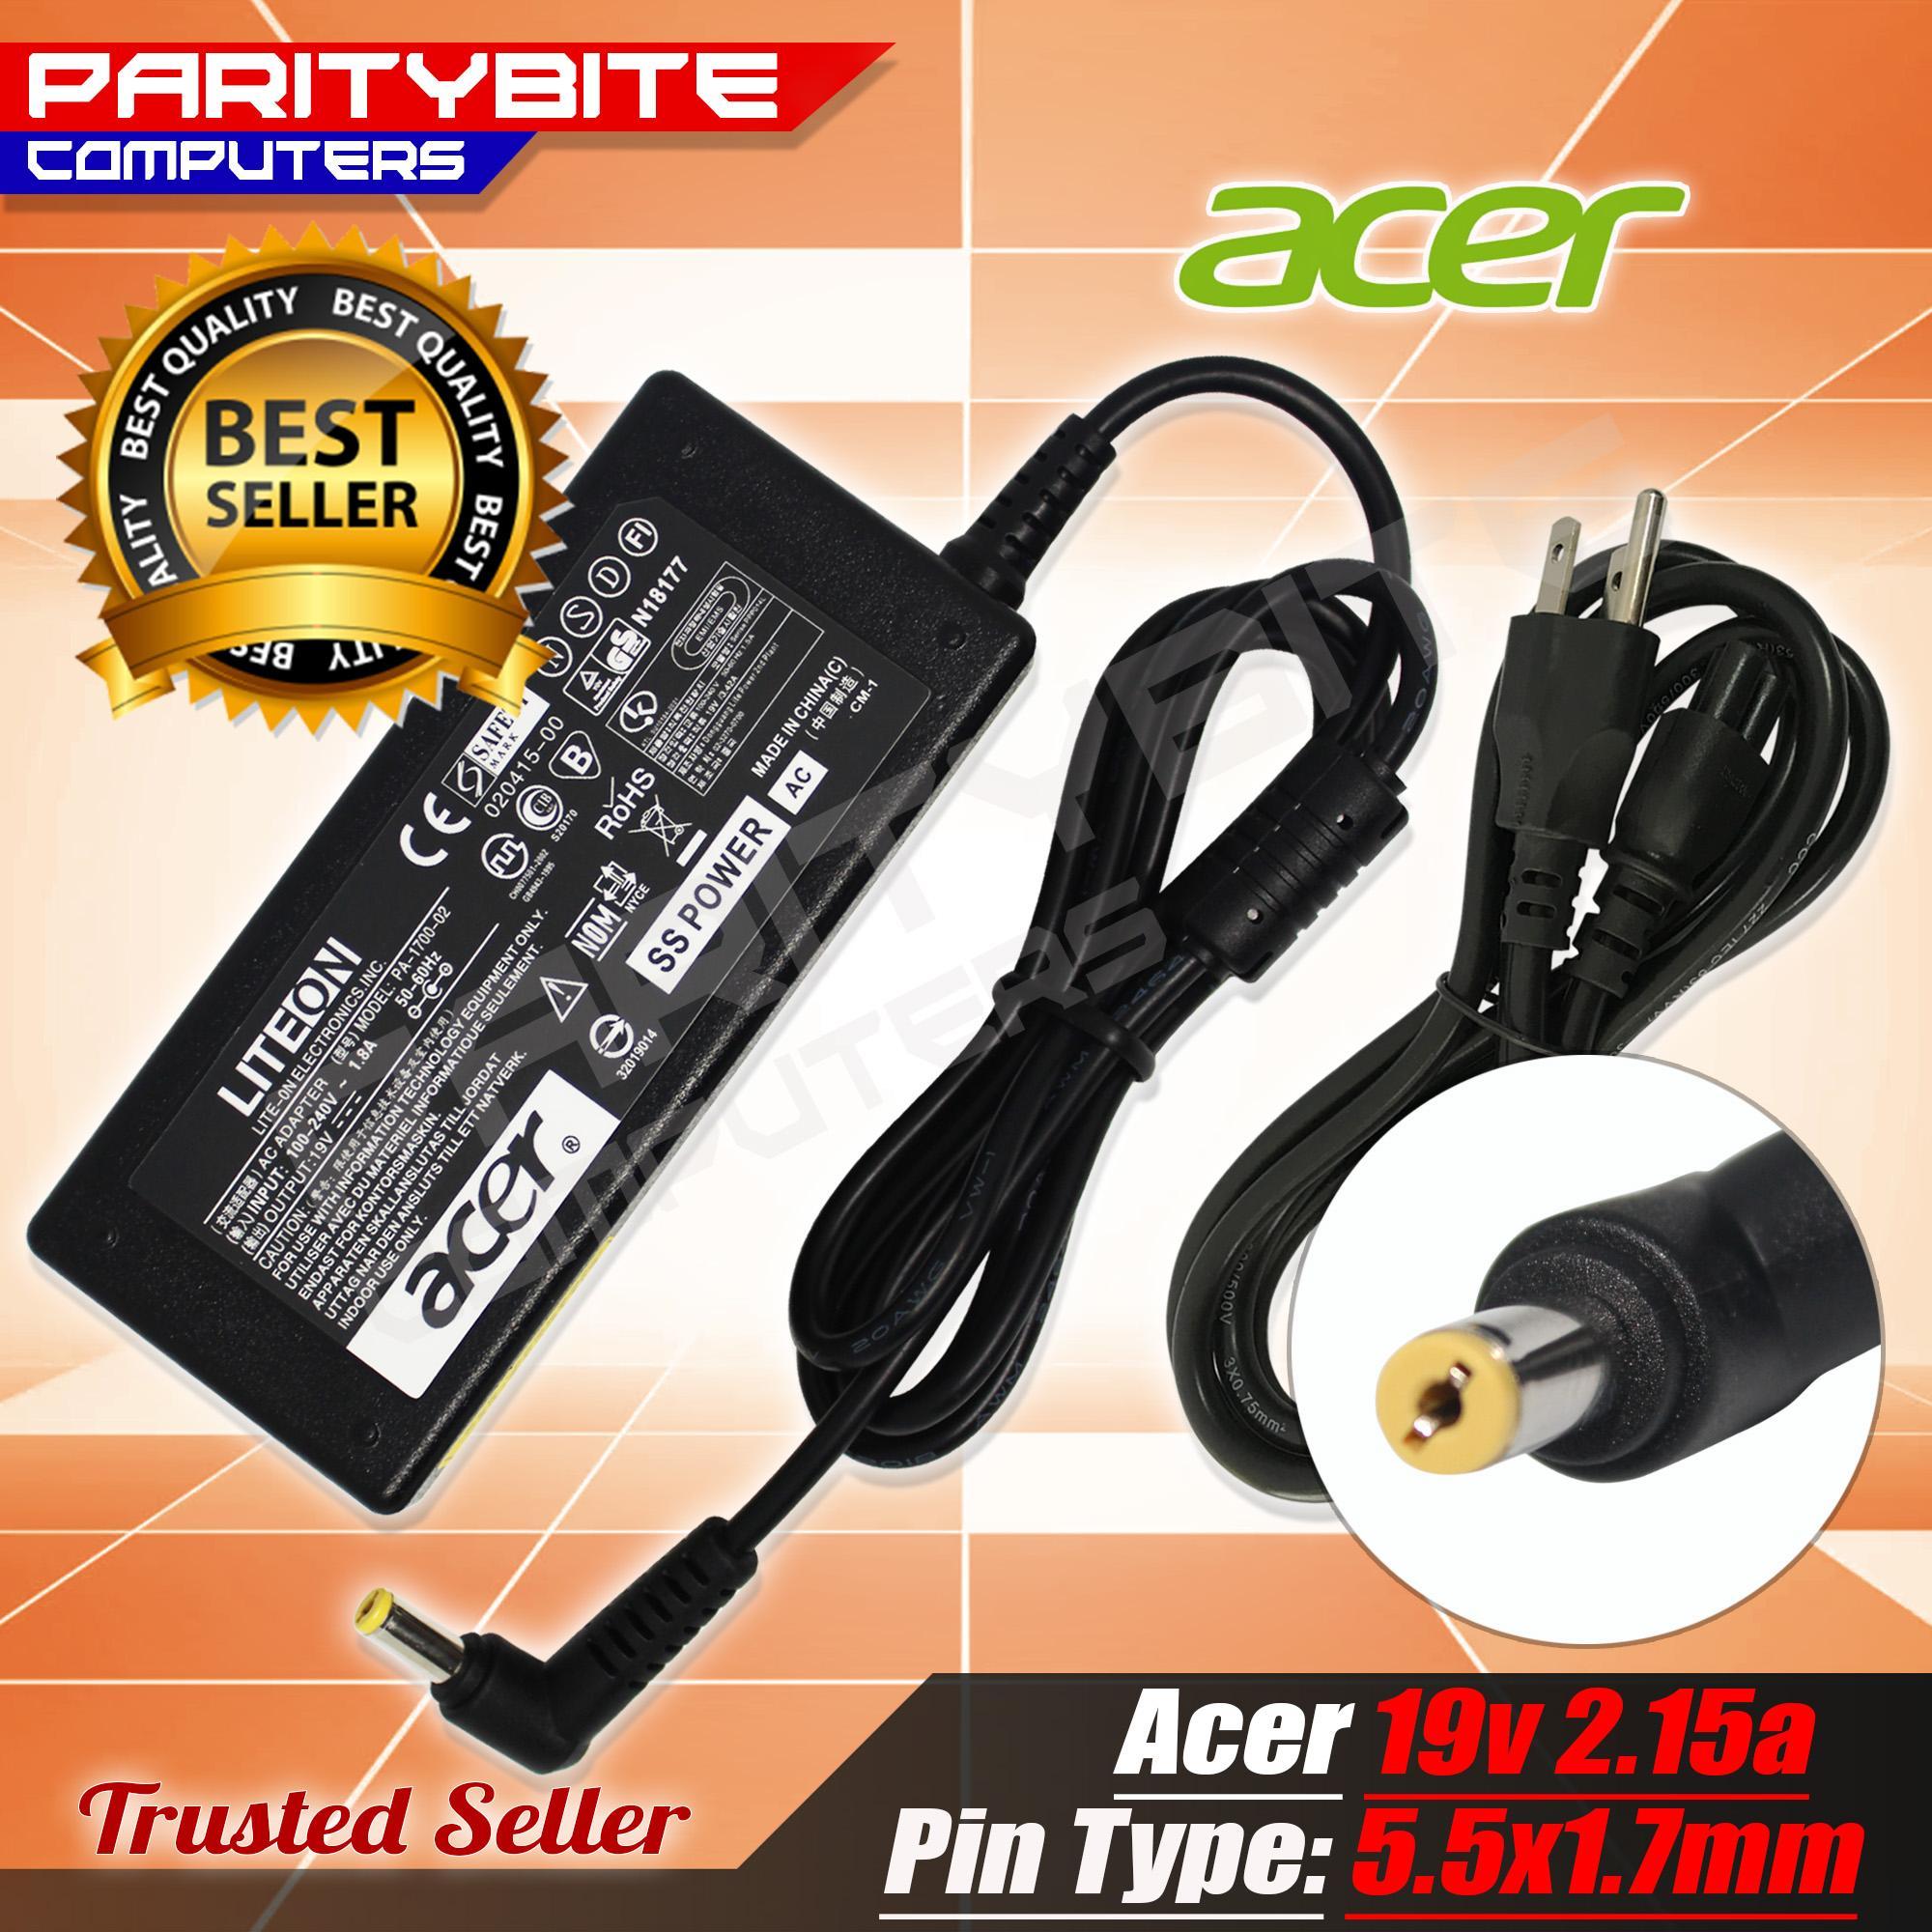 Acer Laptop Charger 19v 2.15a /19V 2.1a (5.5x1.7mm)